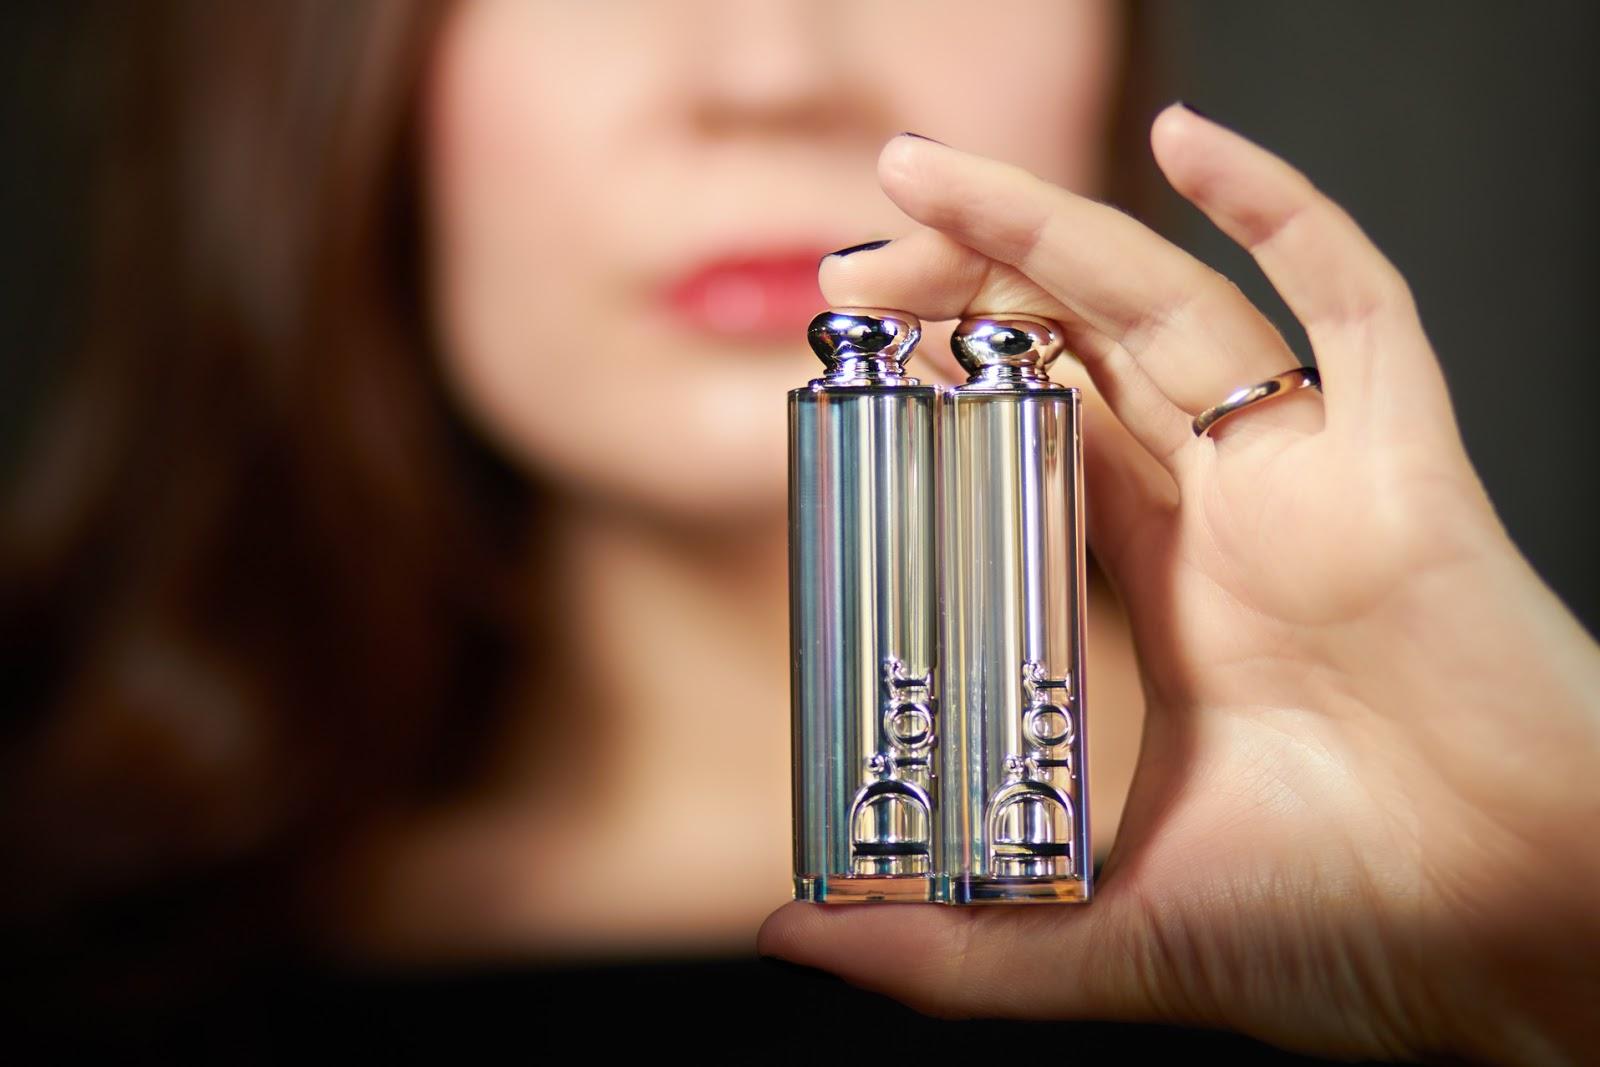 dior addict lipstick jennifer lawrence nouveau rouge à lèvres avis test swatch